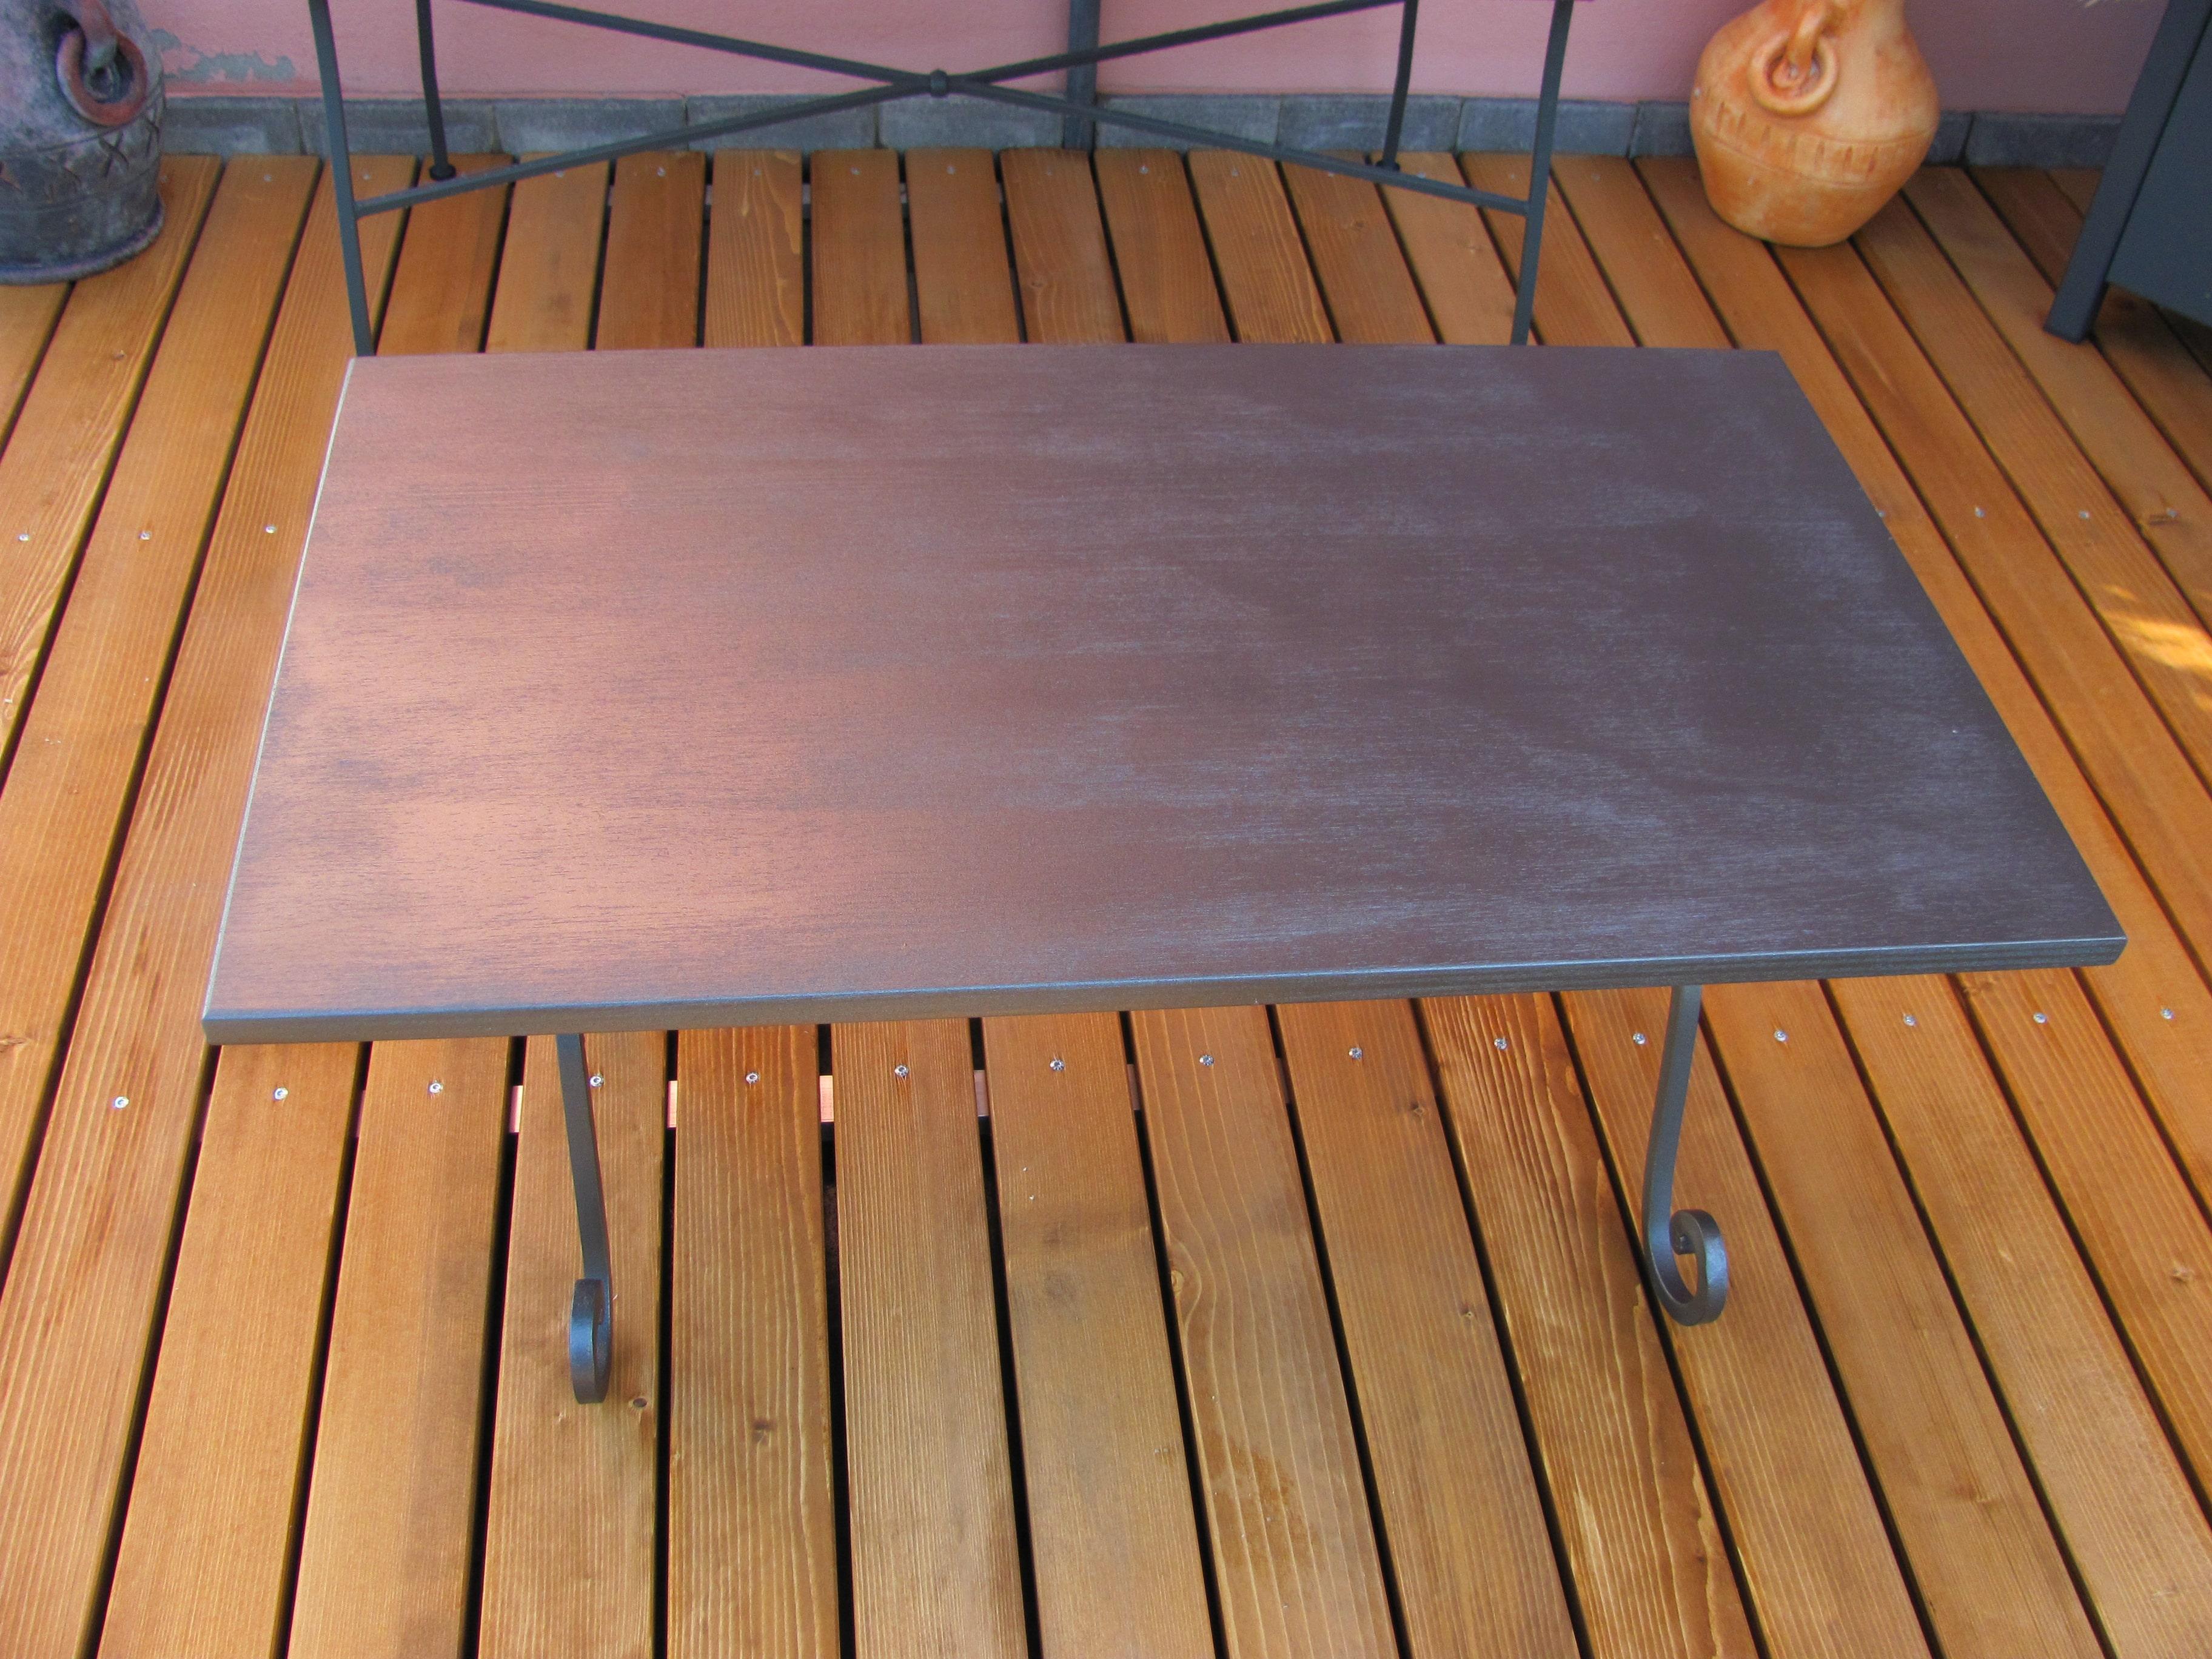 Pavimento per esterno in legno massello abete verniciato e arredi da giardino